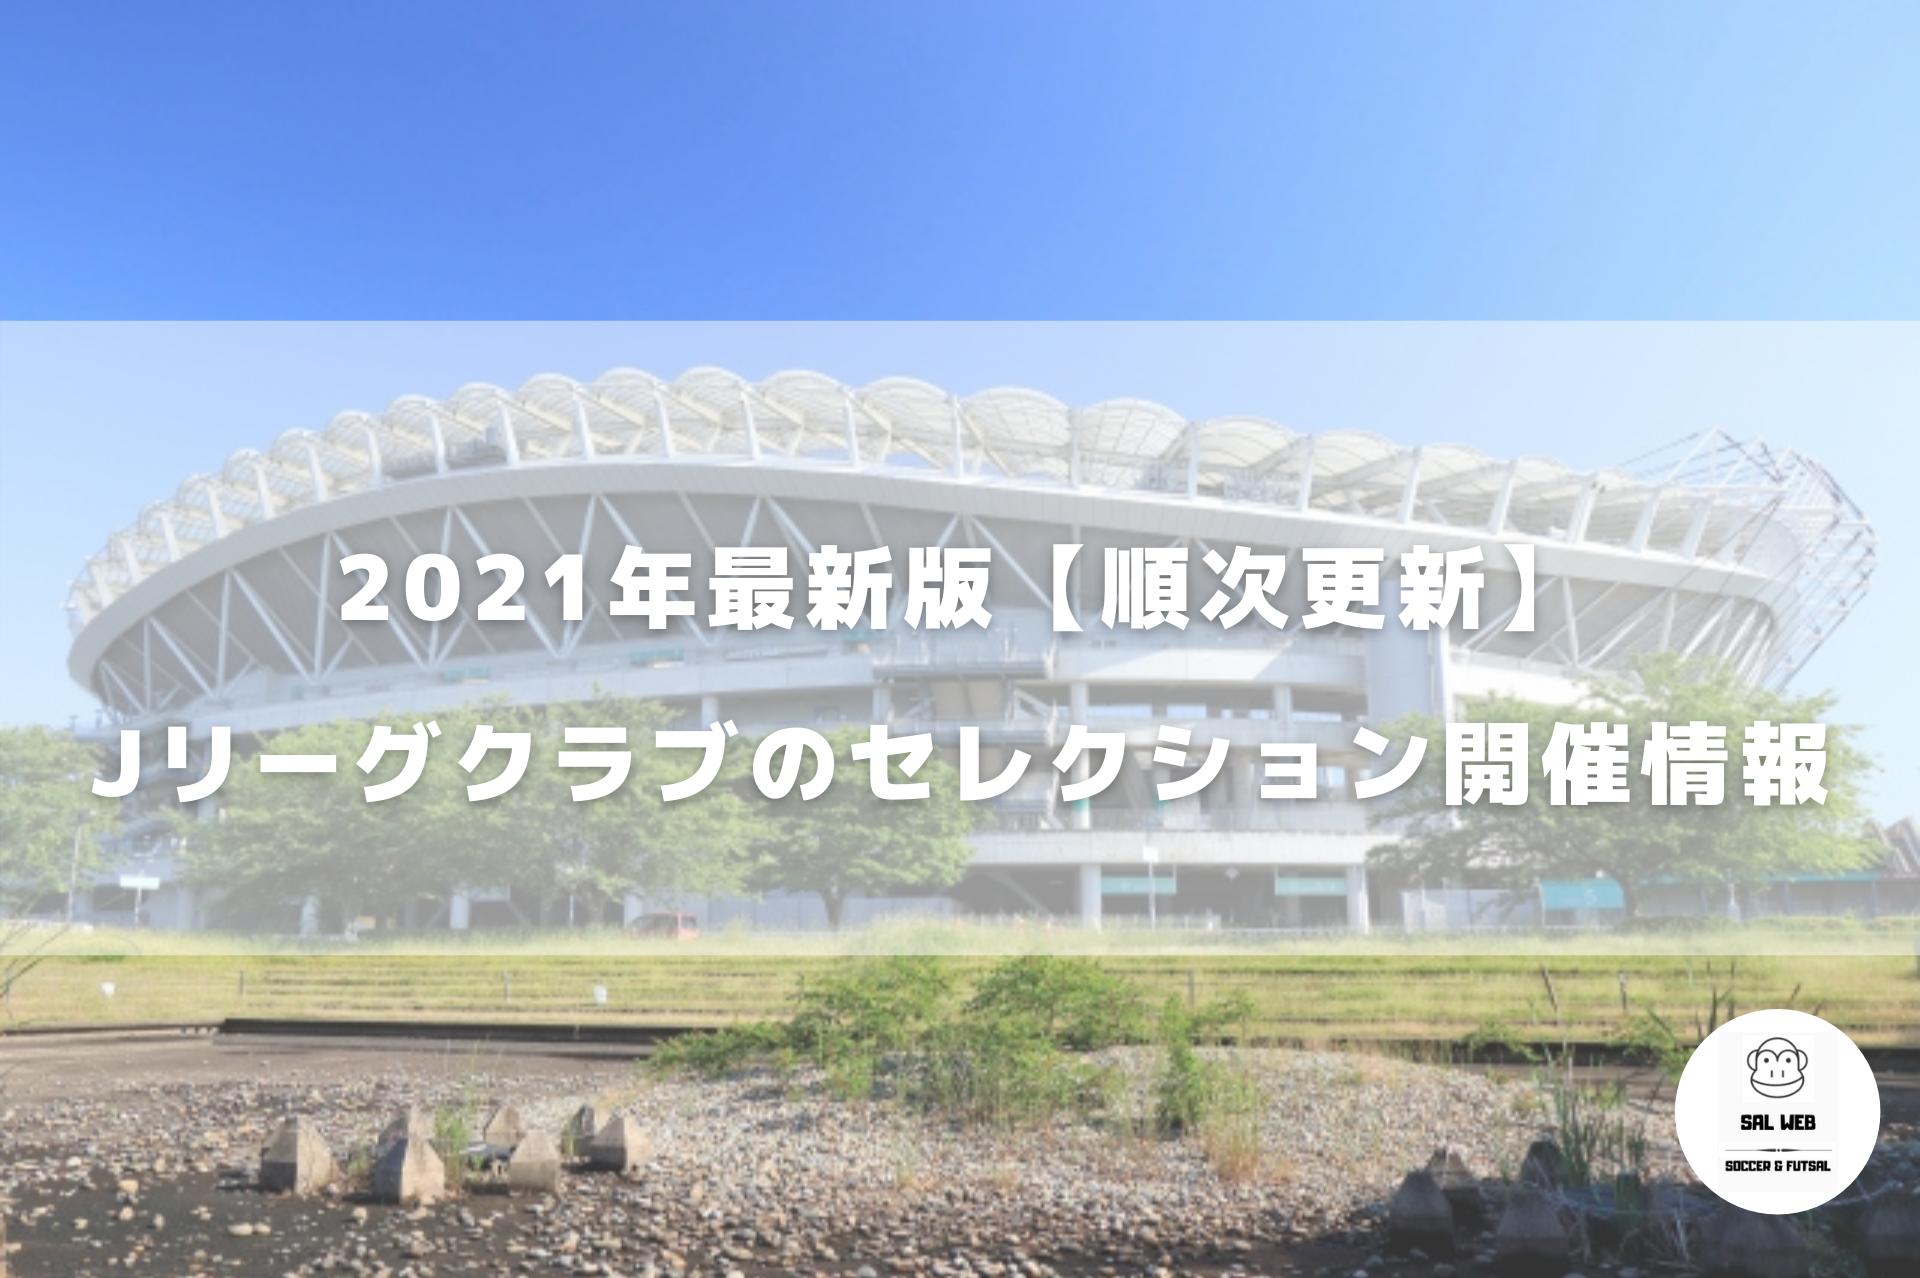 【2021年最新版(順次更新)】Jリーグクラブのセレクション開催情報!